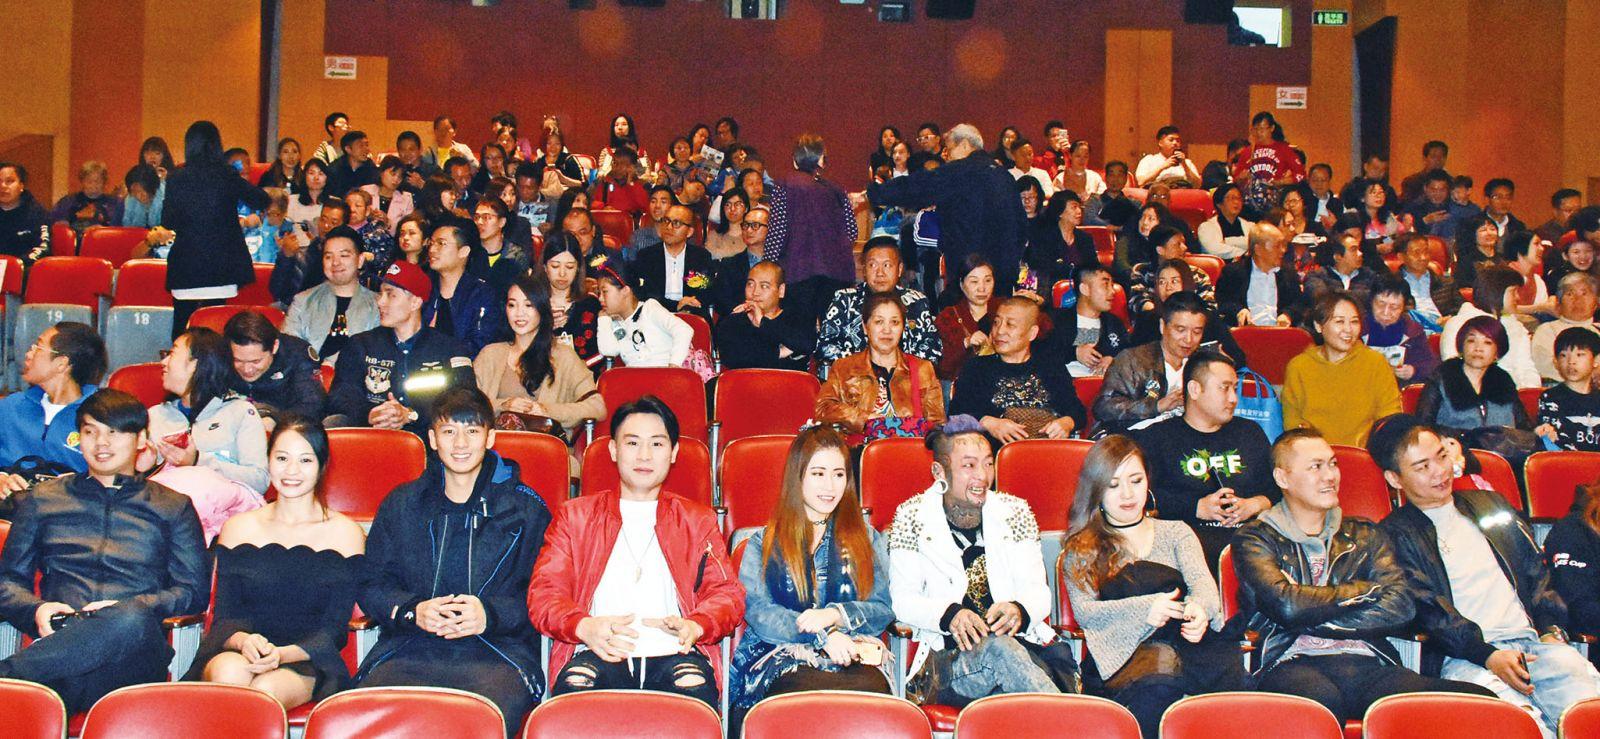 永樂戲院舉行慈善試映